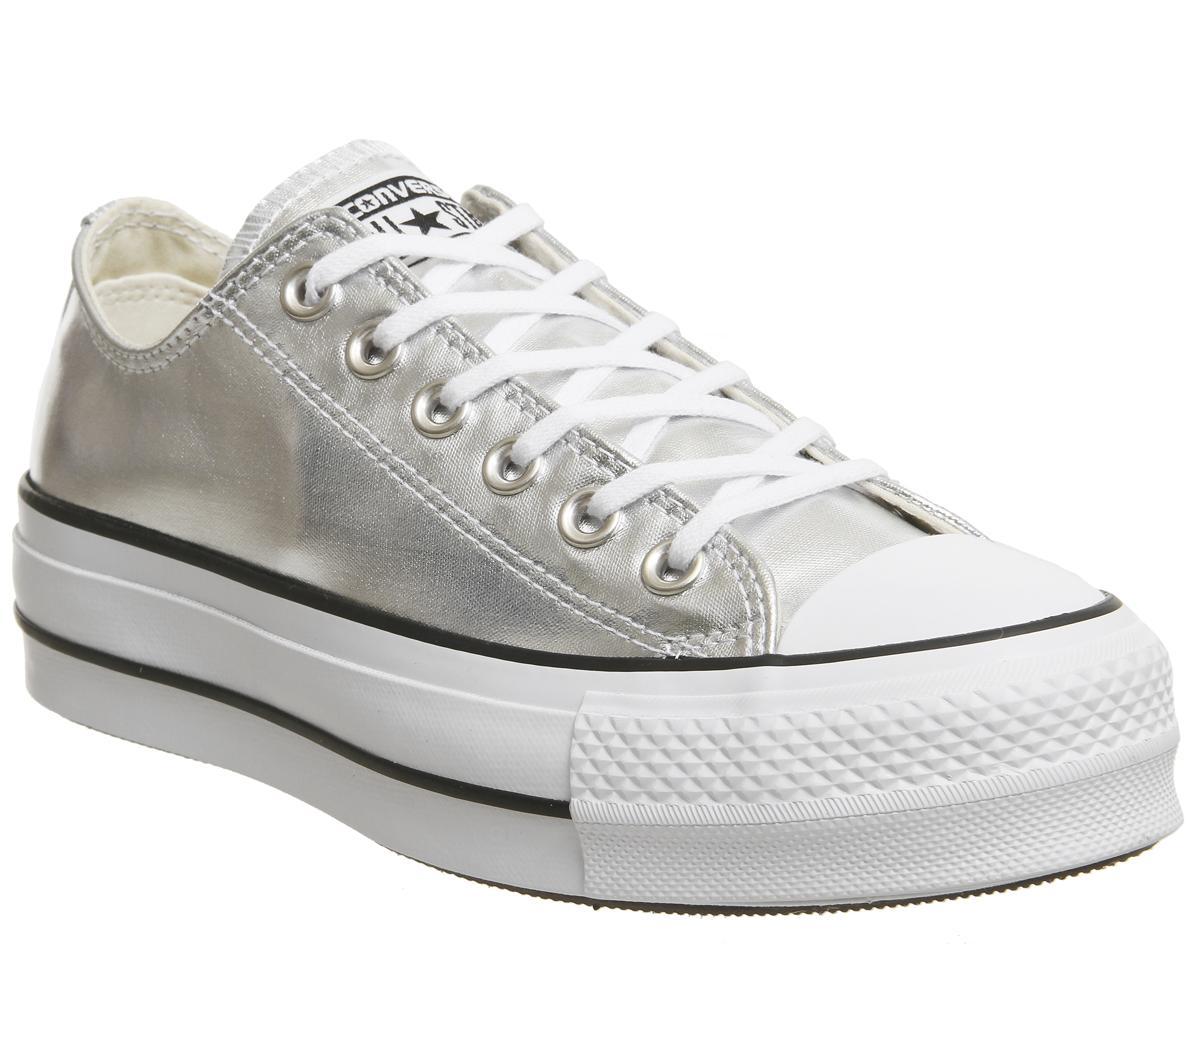 converse silver platform